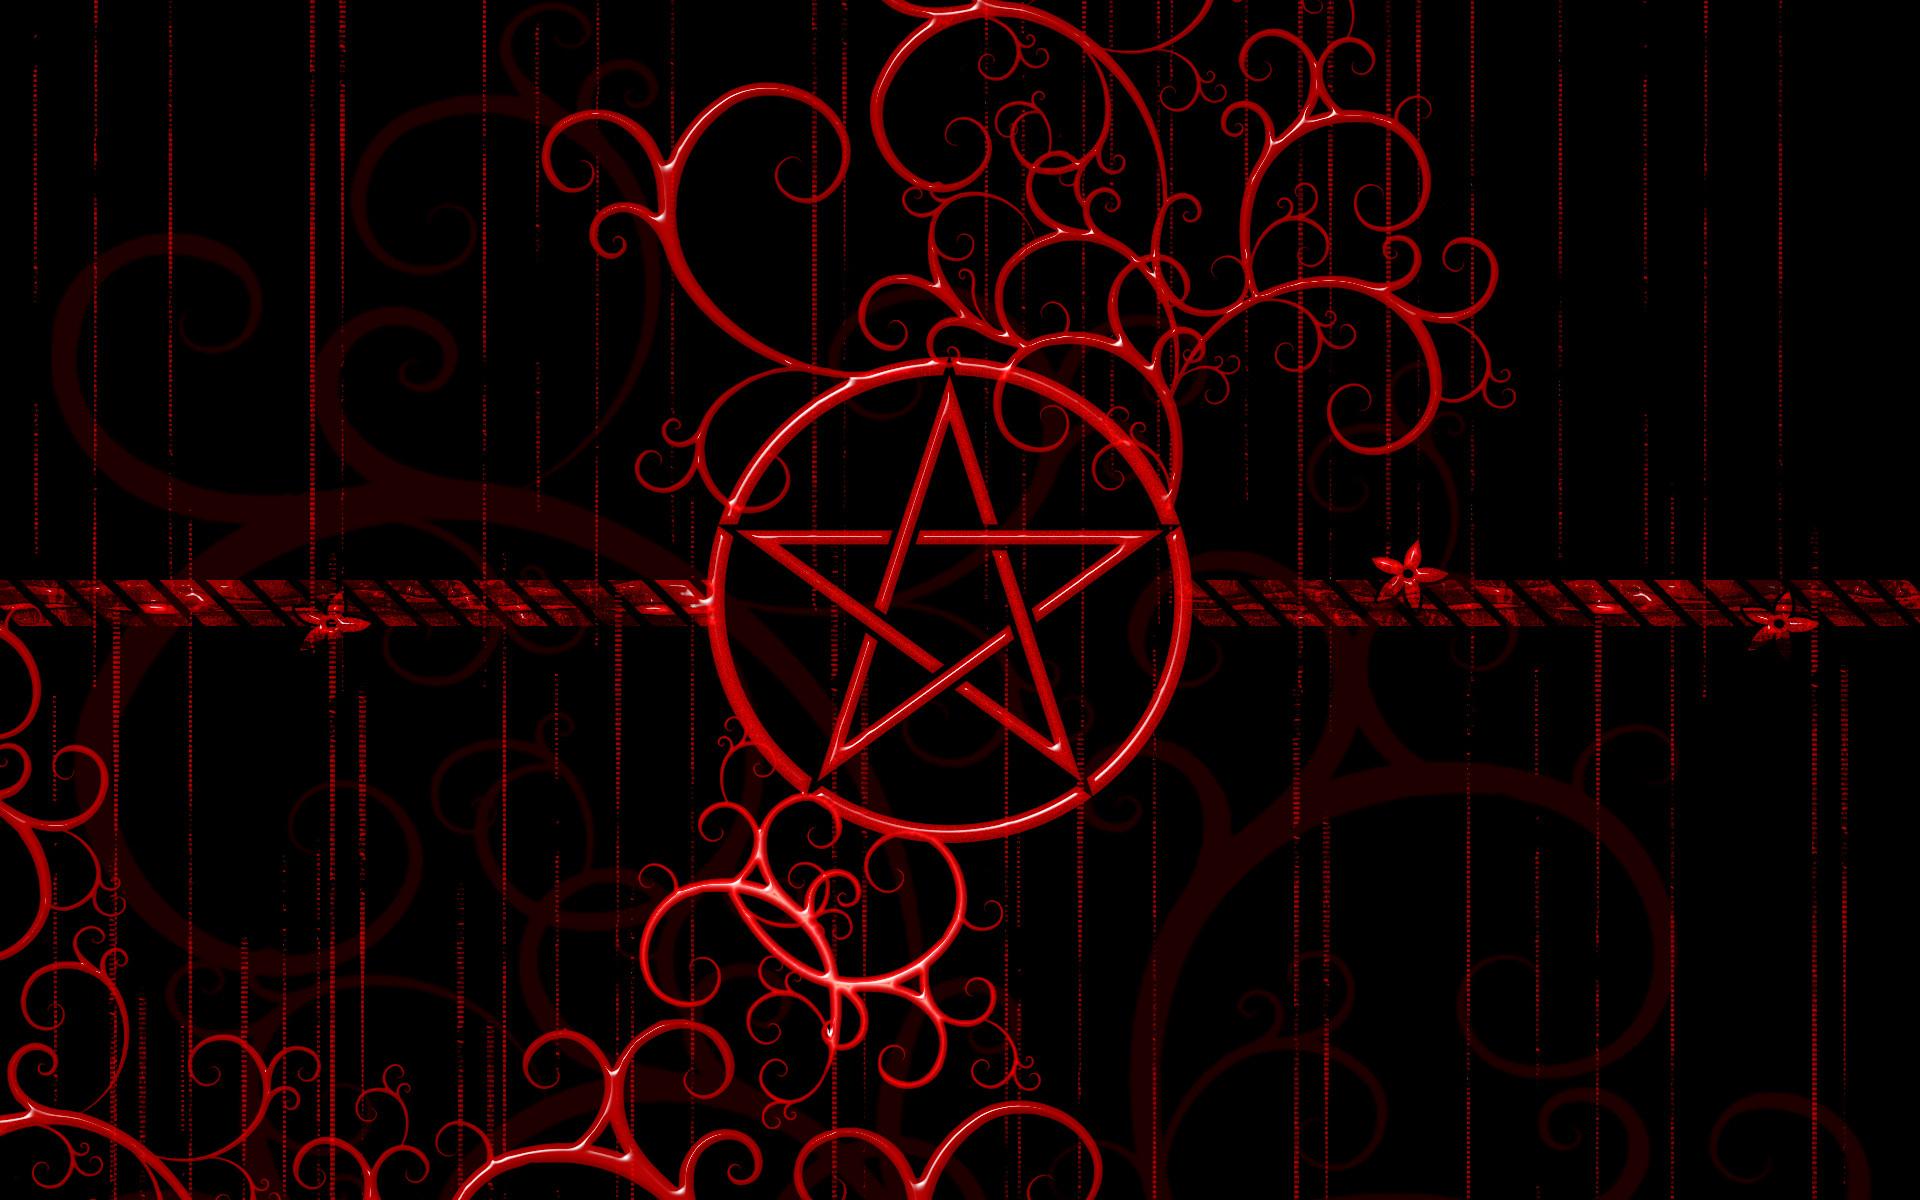 Satan Wallpapers